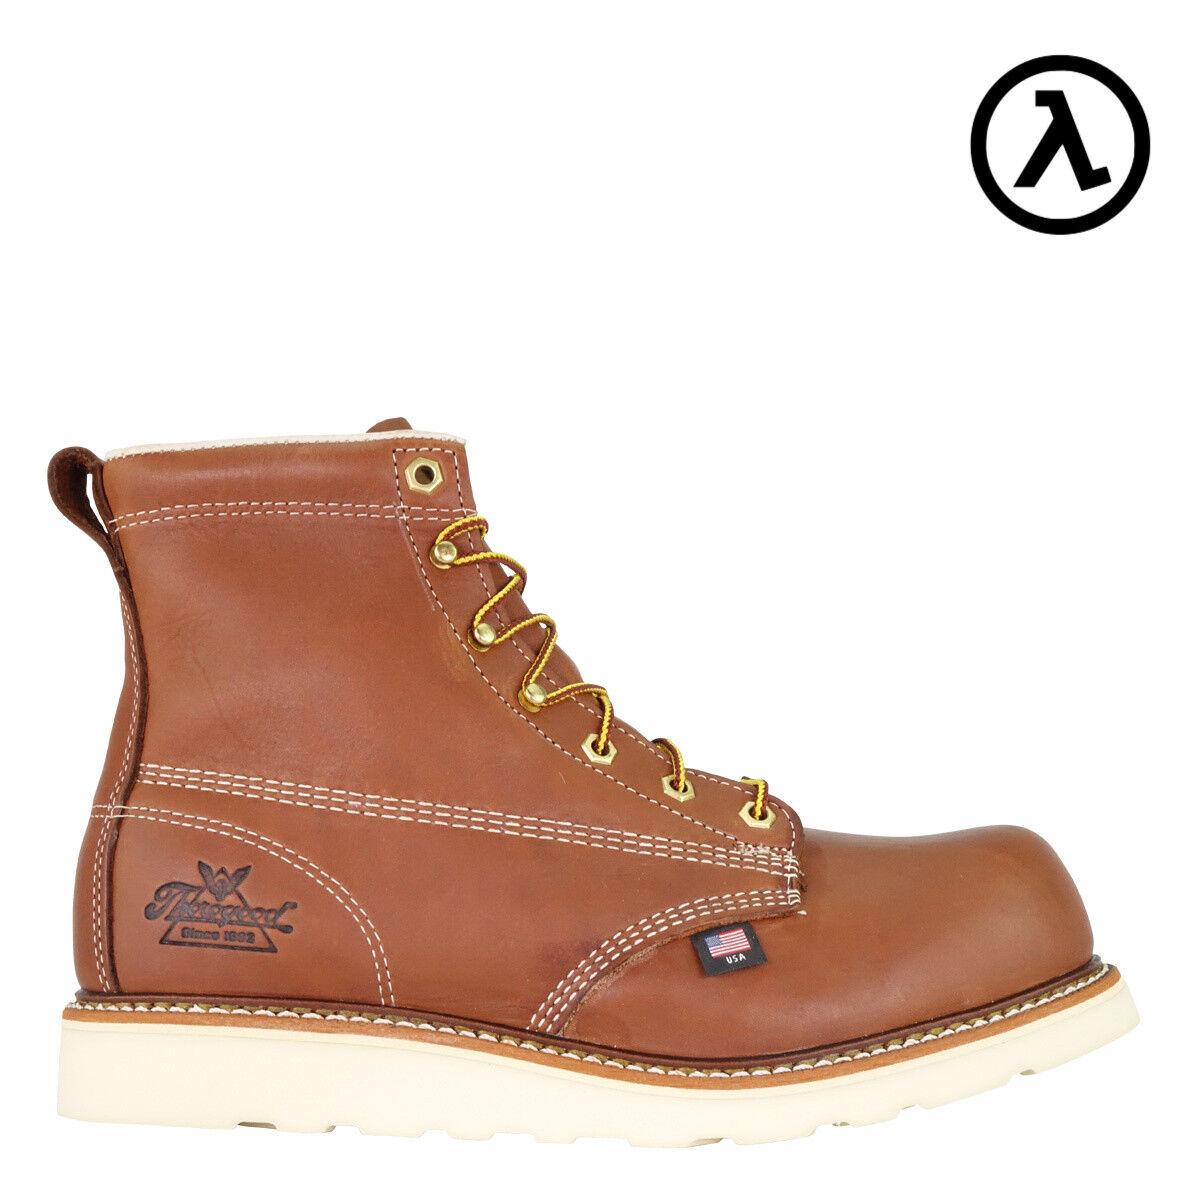 Thorogood American Heritage CT cuña EH 6  botas de trabajo 804-4655 - todos Los Tamaños